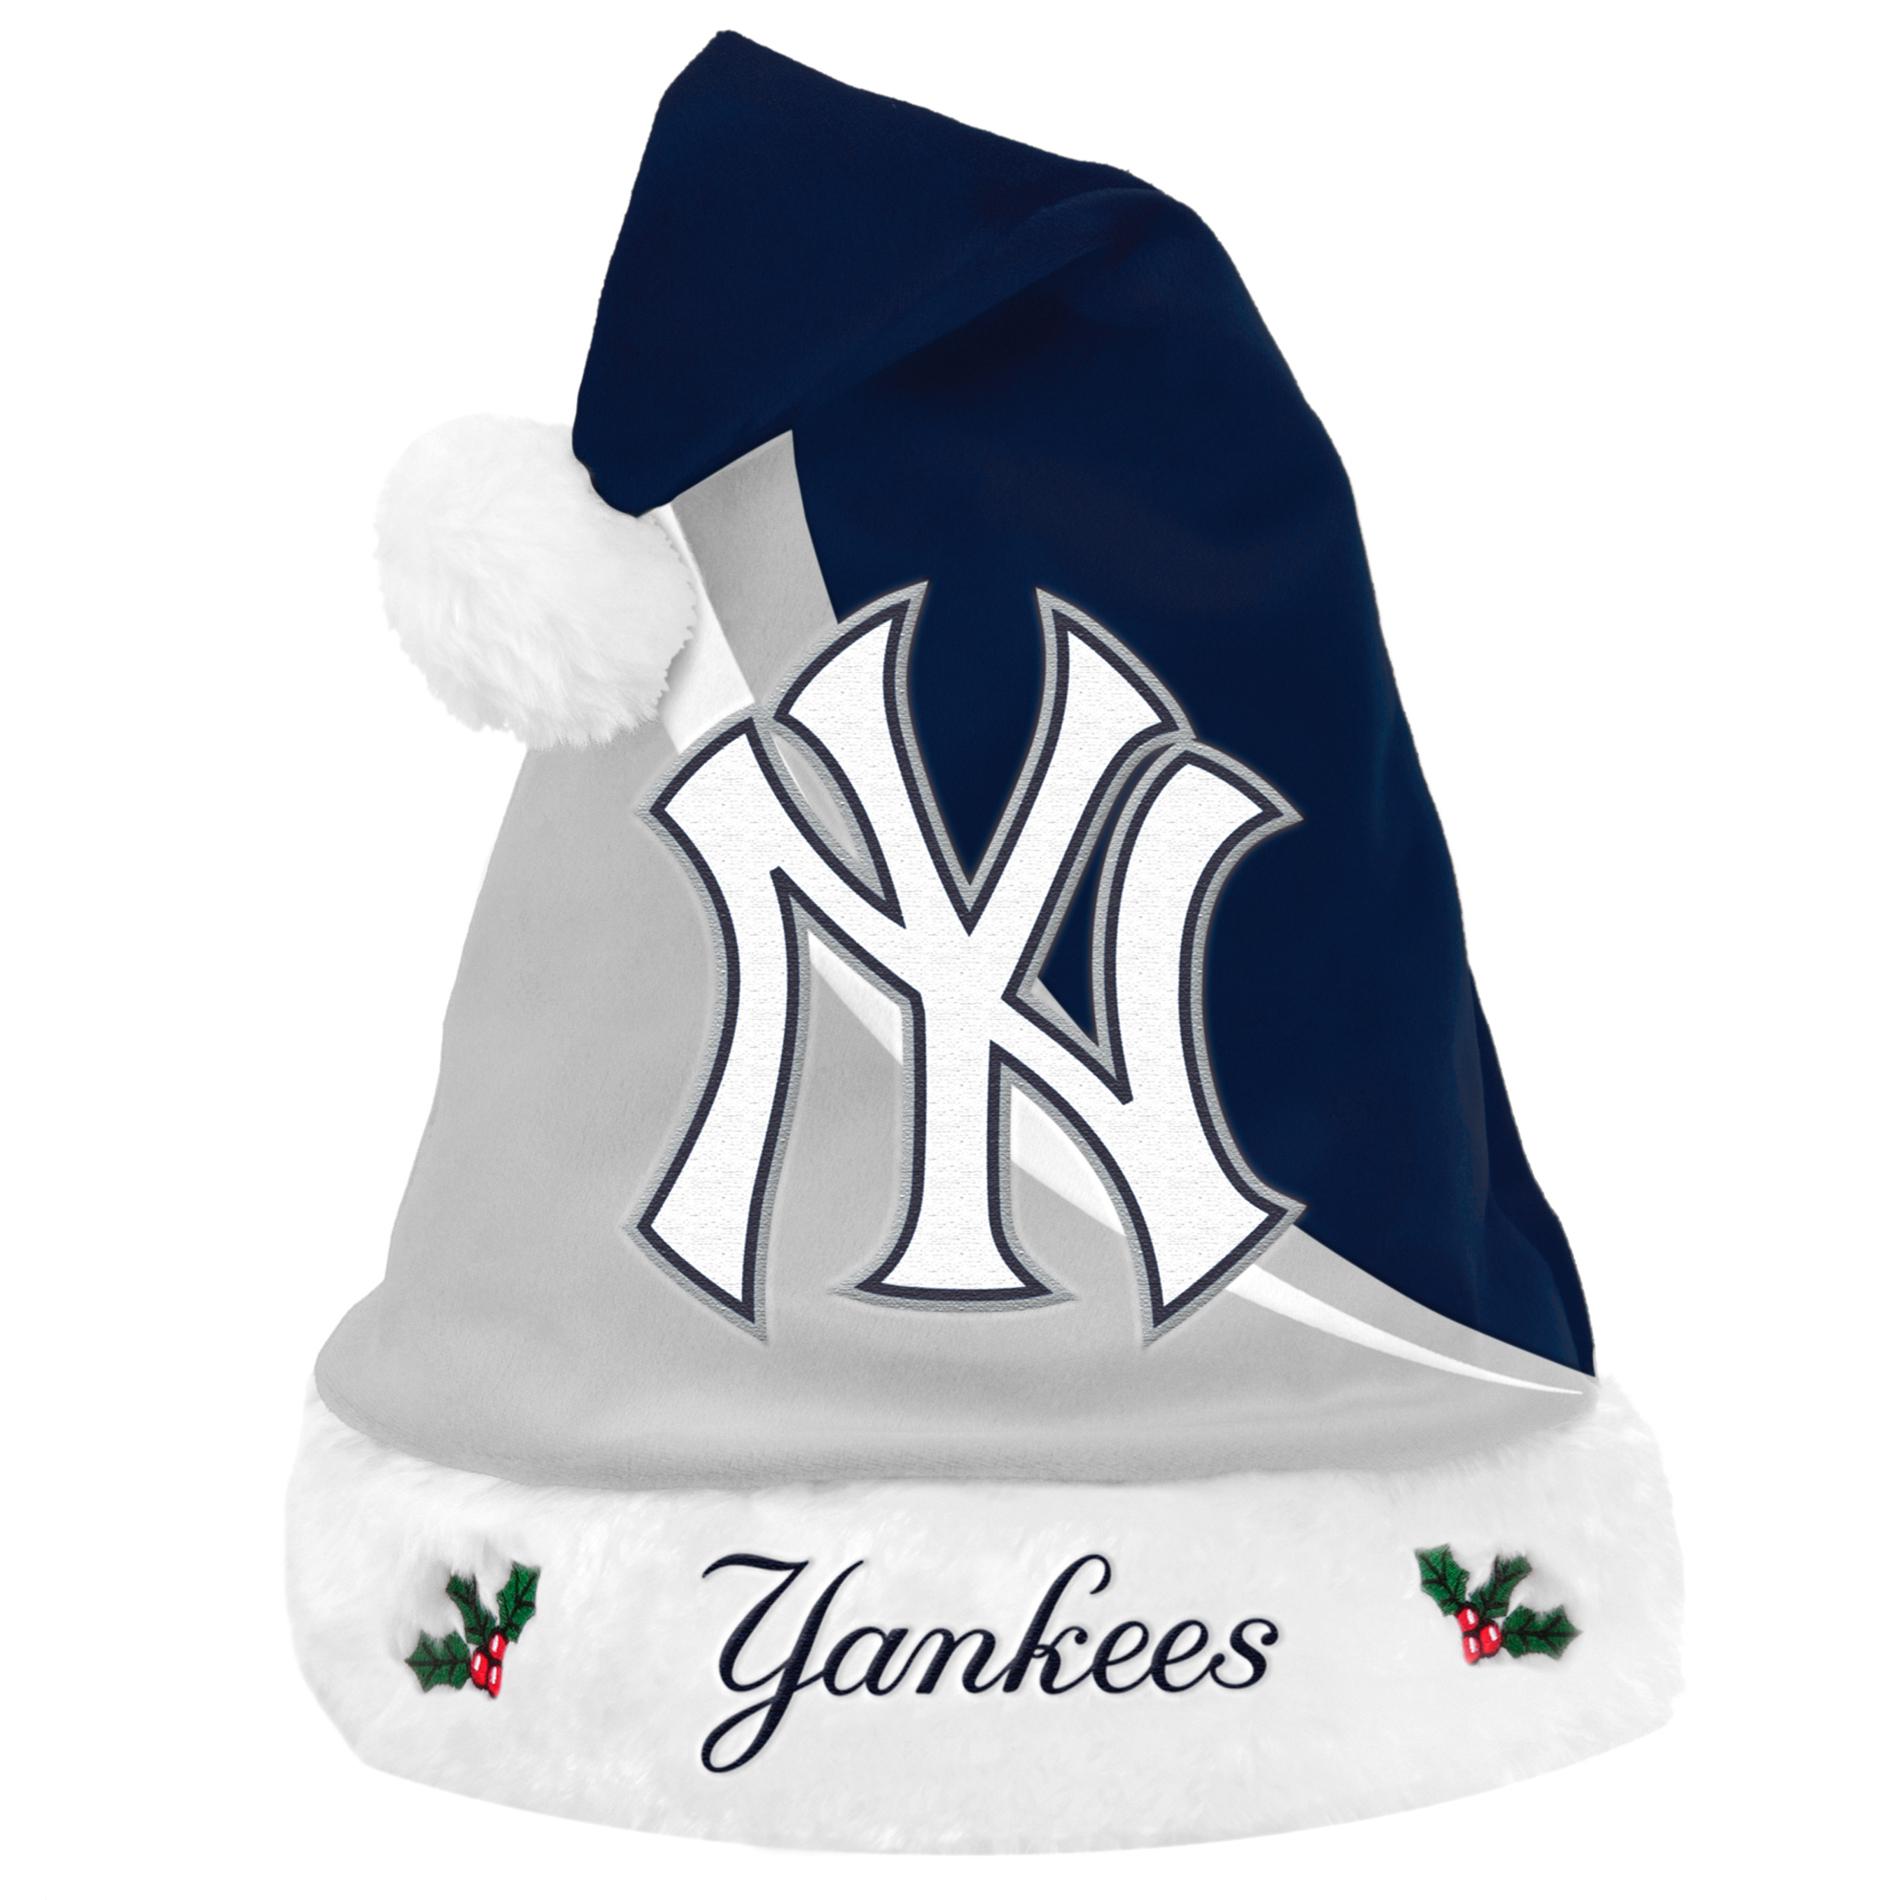 New York Yankees 2013 MLB Swoop Plush Santa Hat PartNumber: 00662091000P